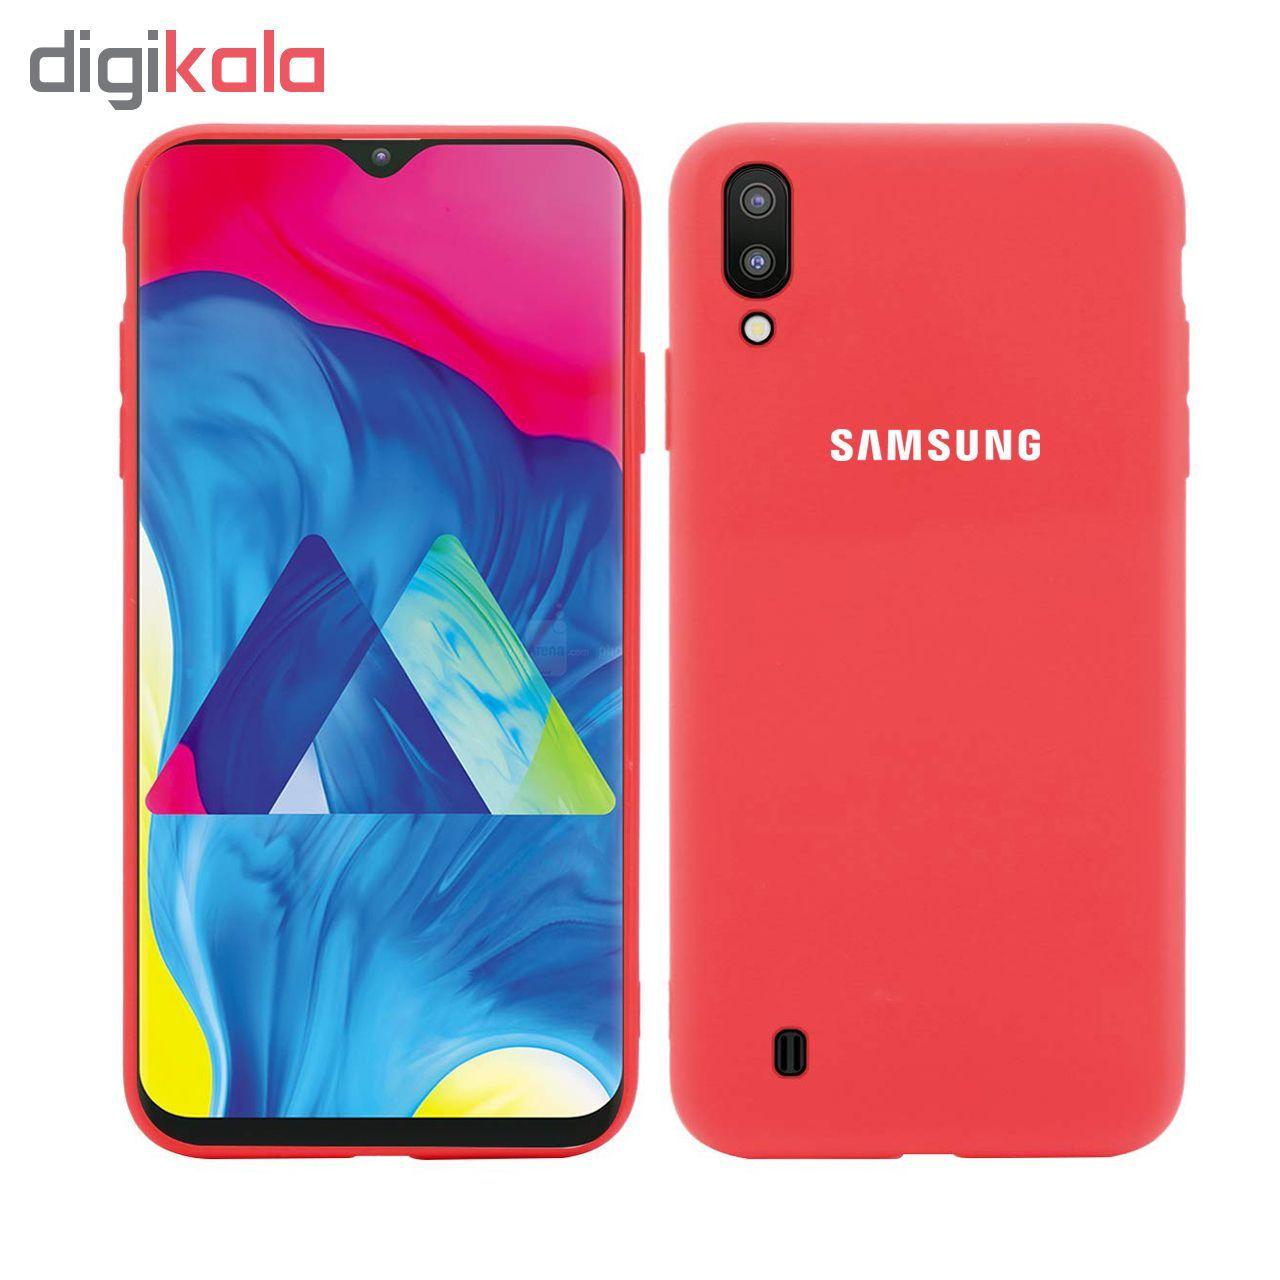 کاور سیلیکونی مدل Silky soft-touch مناسب برای گوشی موبایل سامسونگ Galaxy M10   main 1 2